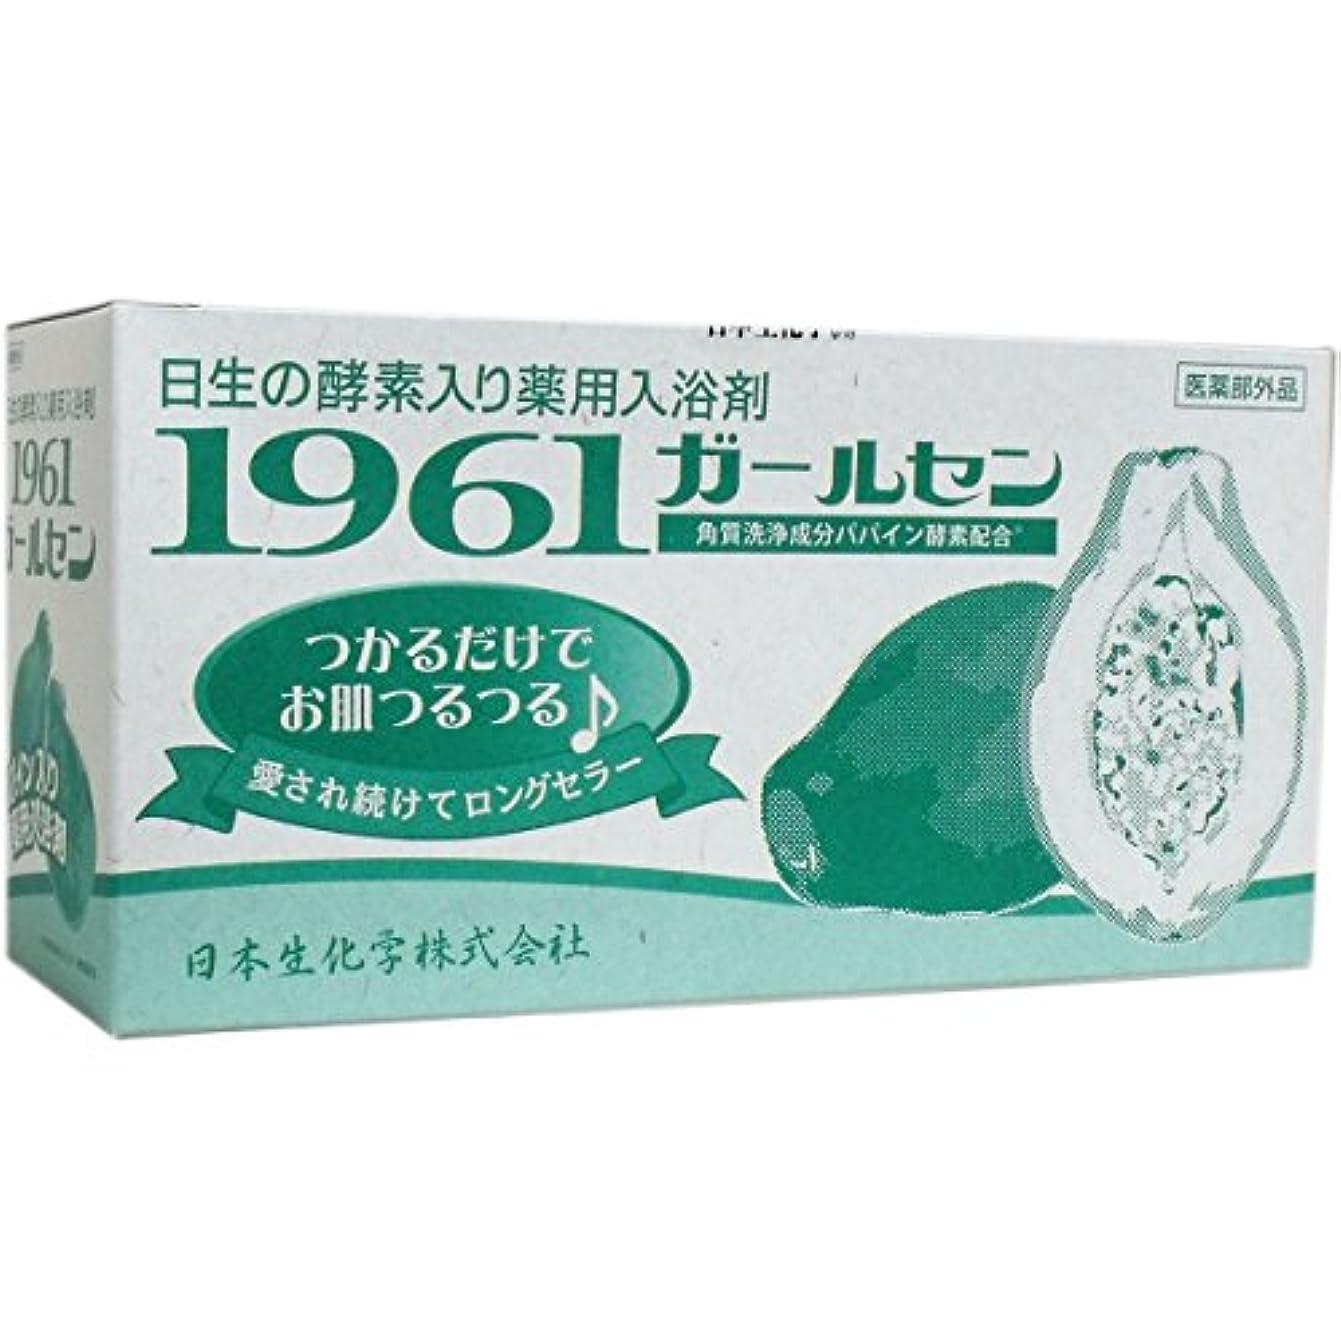 超越するファーザーファージュ知るパパイン酵素配合 薬用入浴剤 1961ガールセン 30包 [並行輸入品]